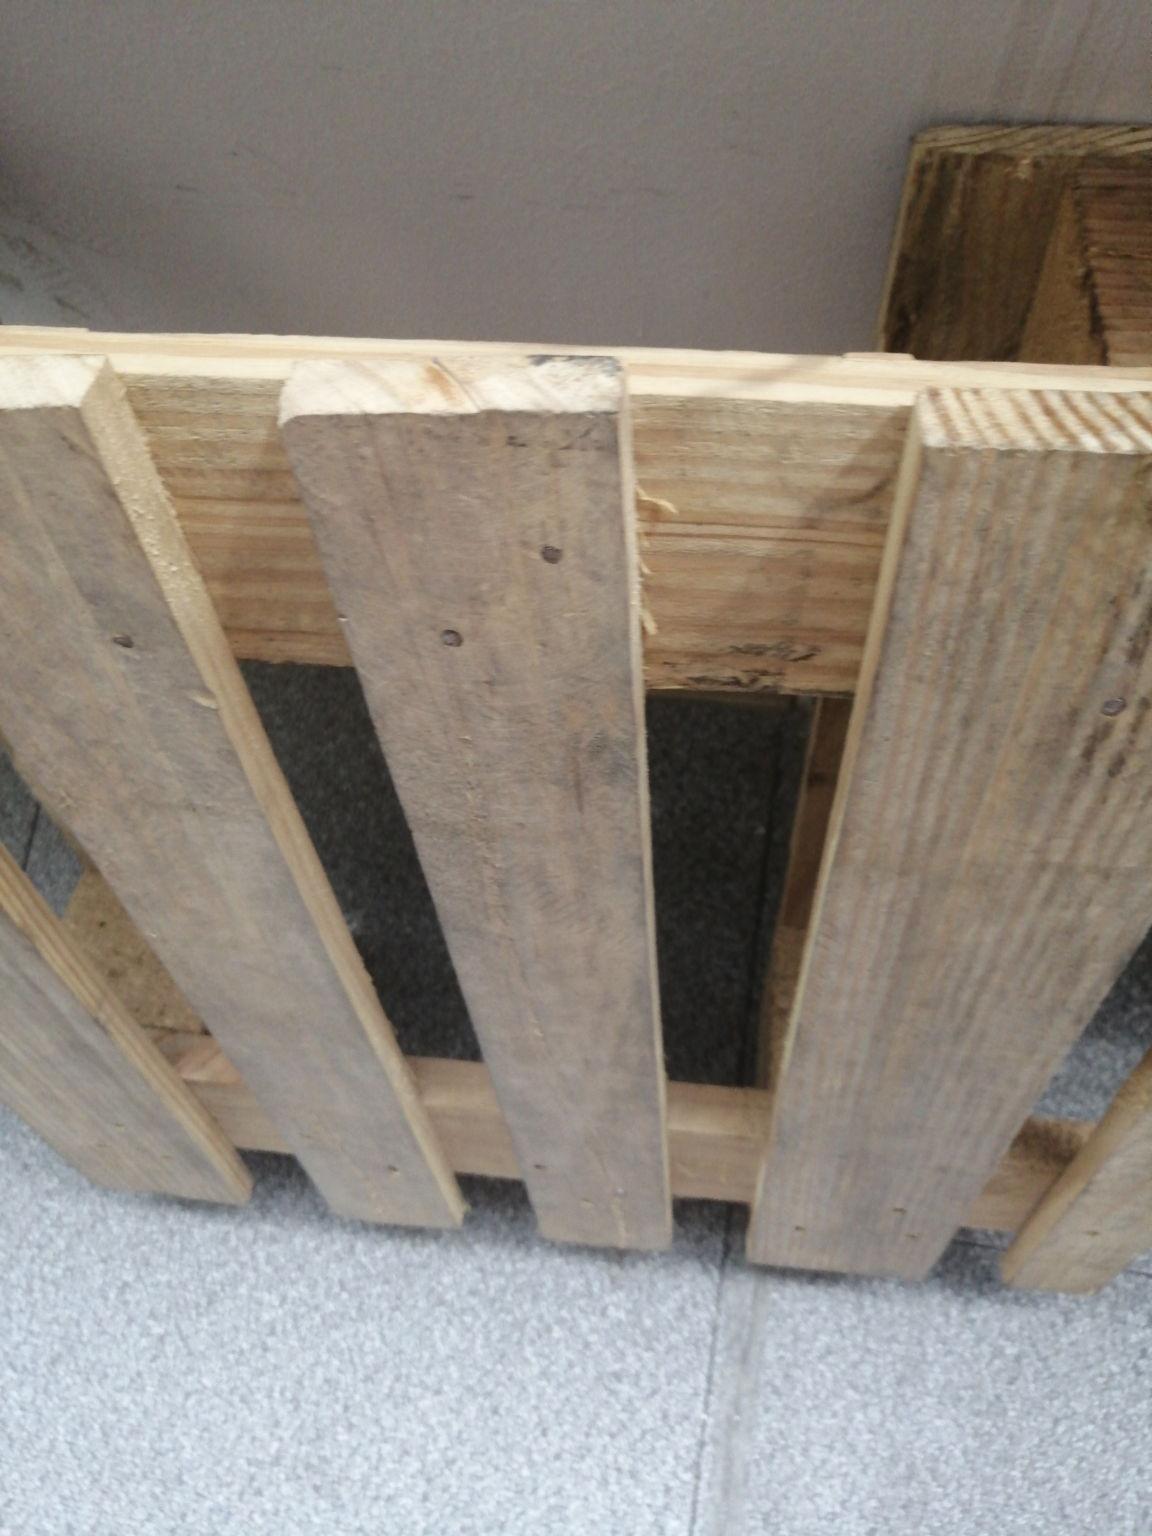 海盐专门旧木托盘加工之前去朋友家看他家做的木料